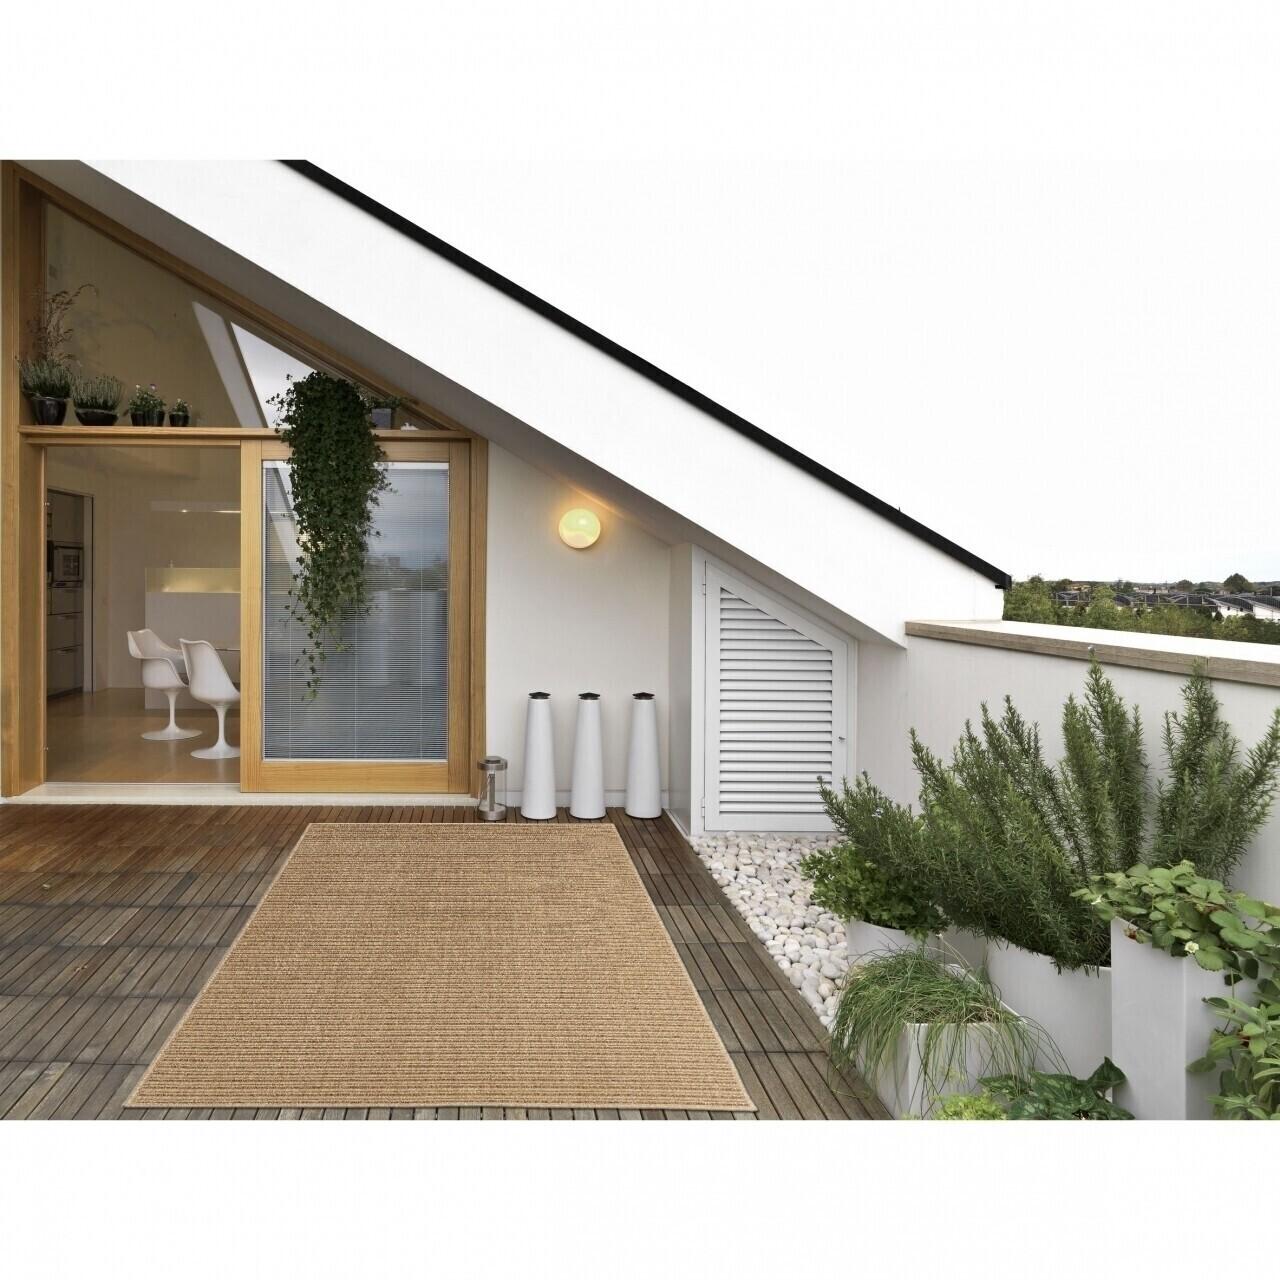 Covor indoor outdoor Floorita PLAIN NATURAL 200X285